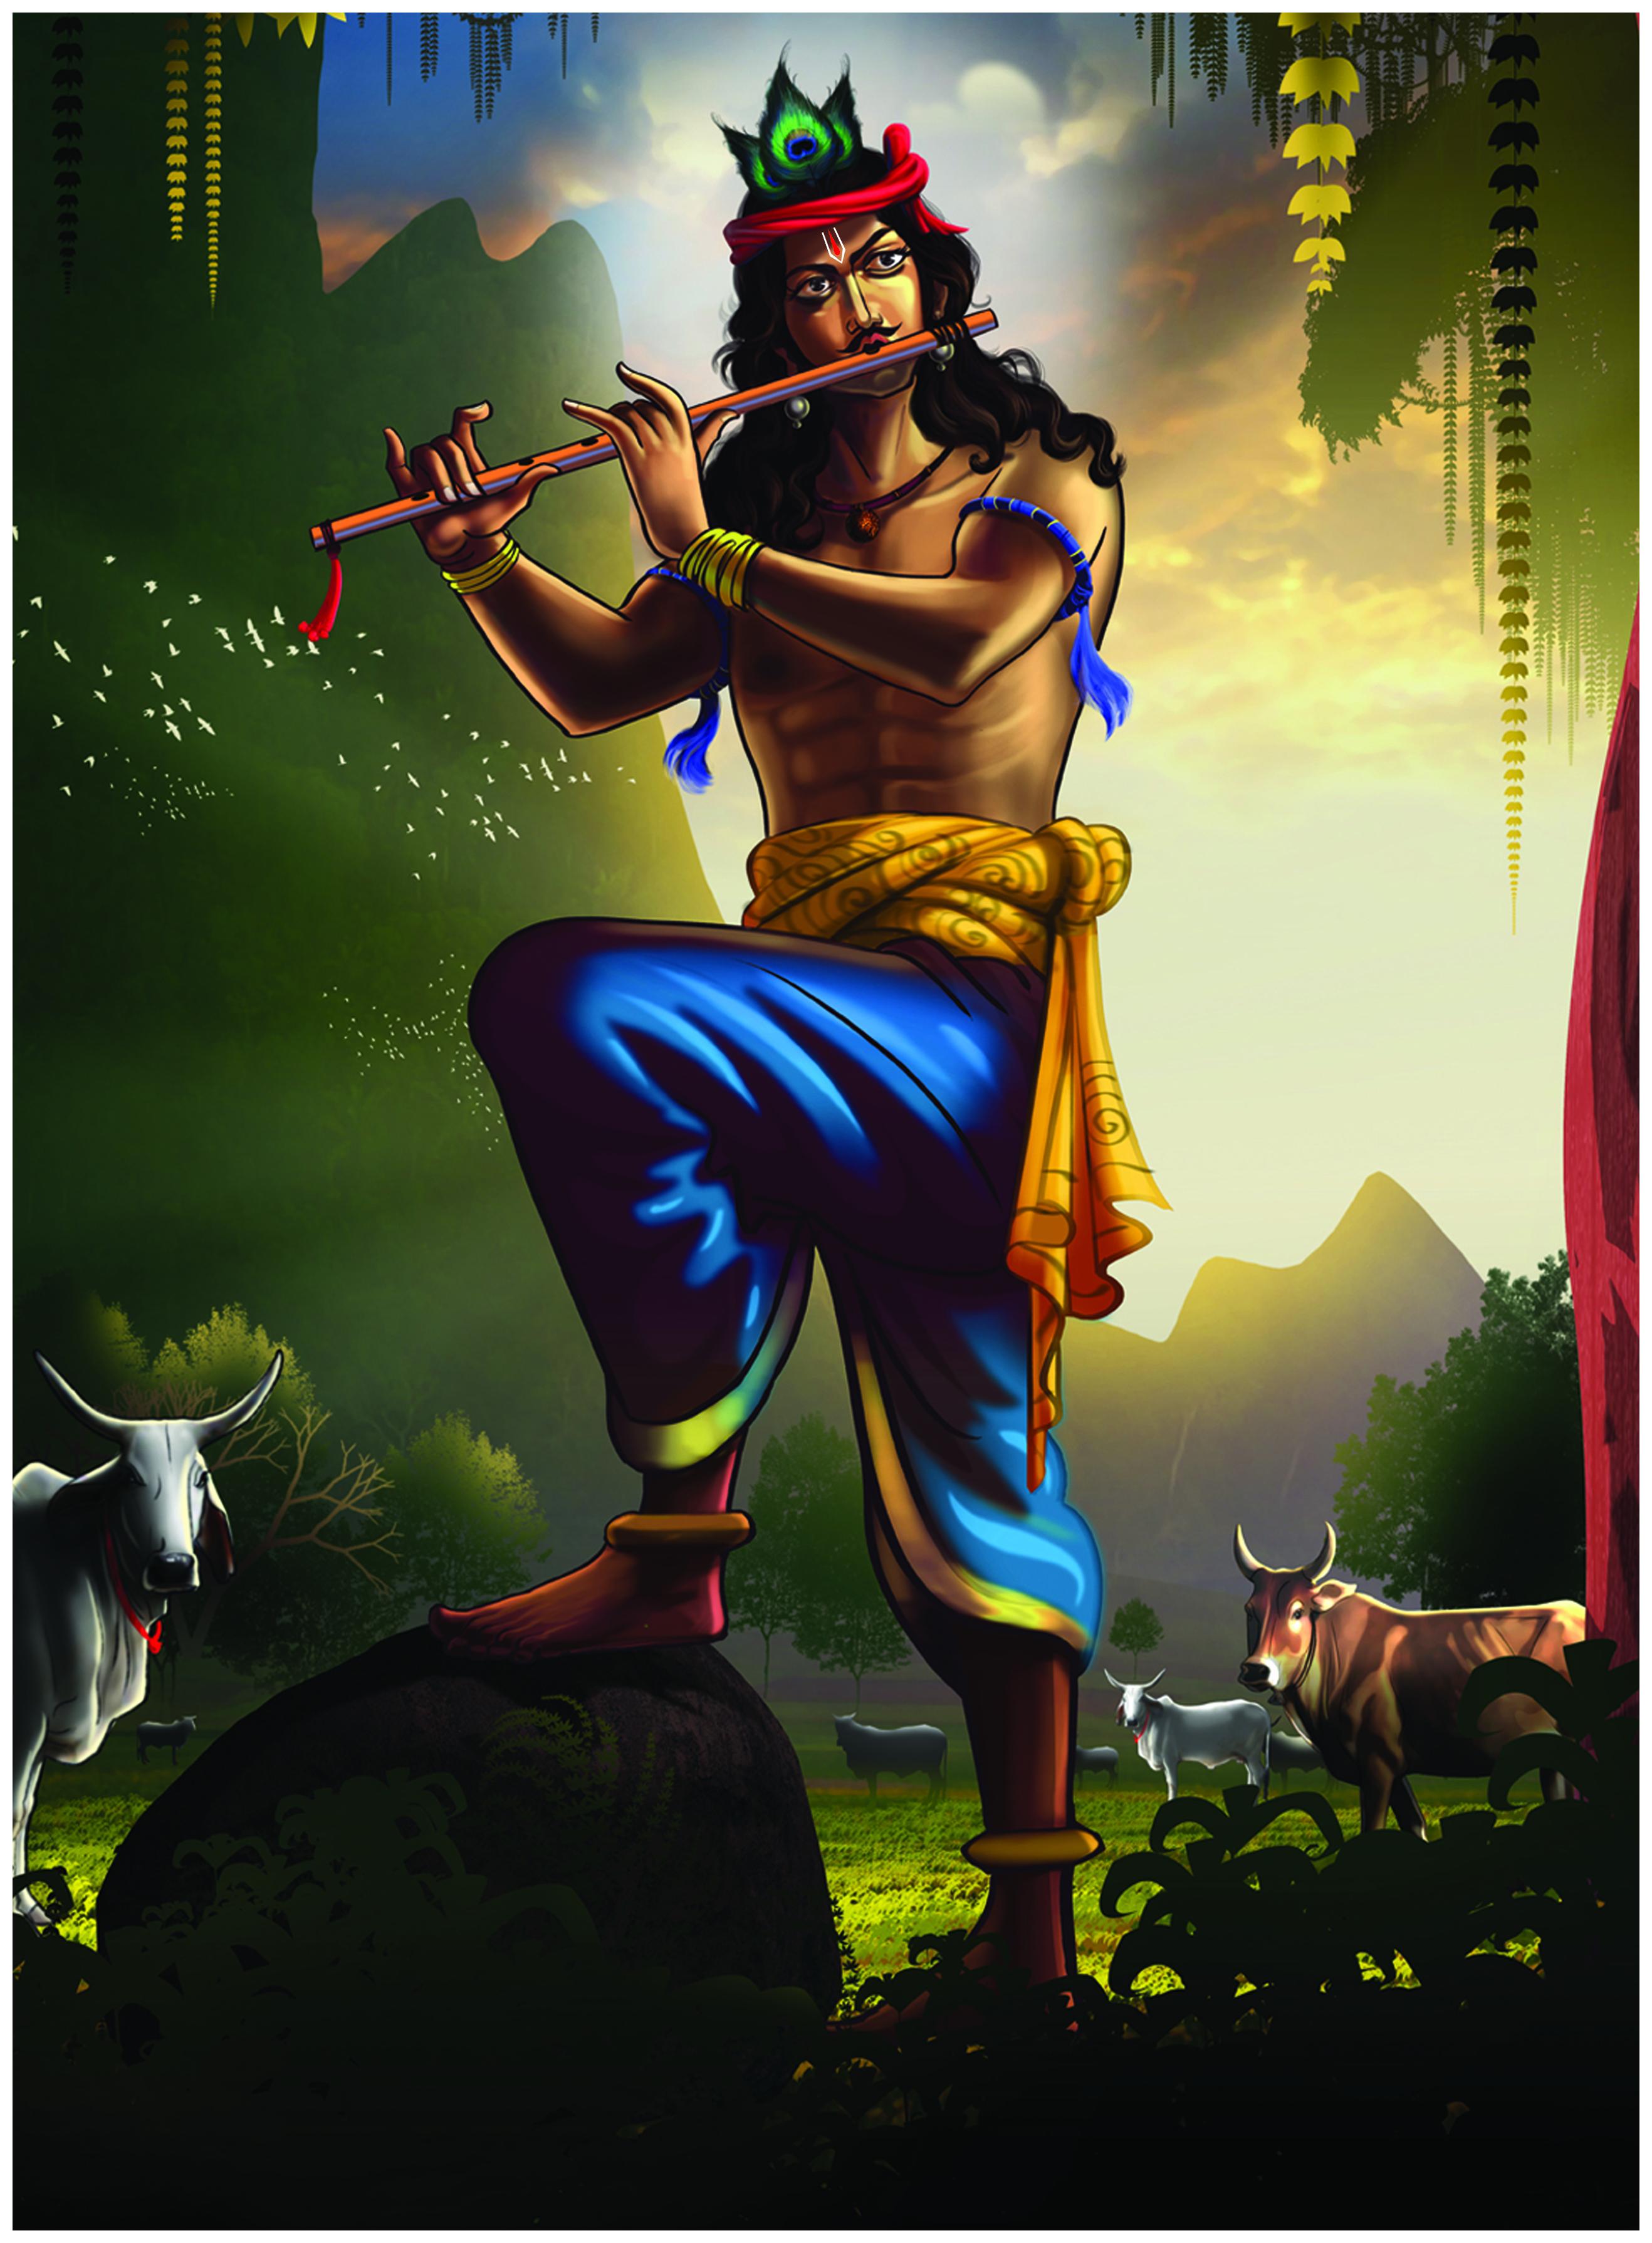 krishnan-kannan-mayon-naam-tamilar-veeratamilar-munnani